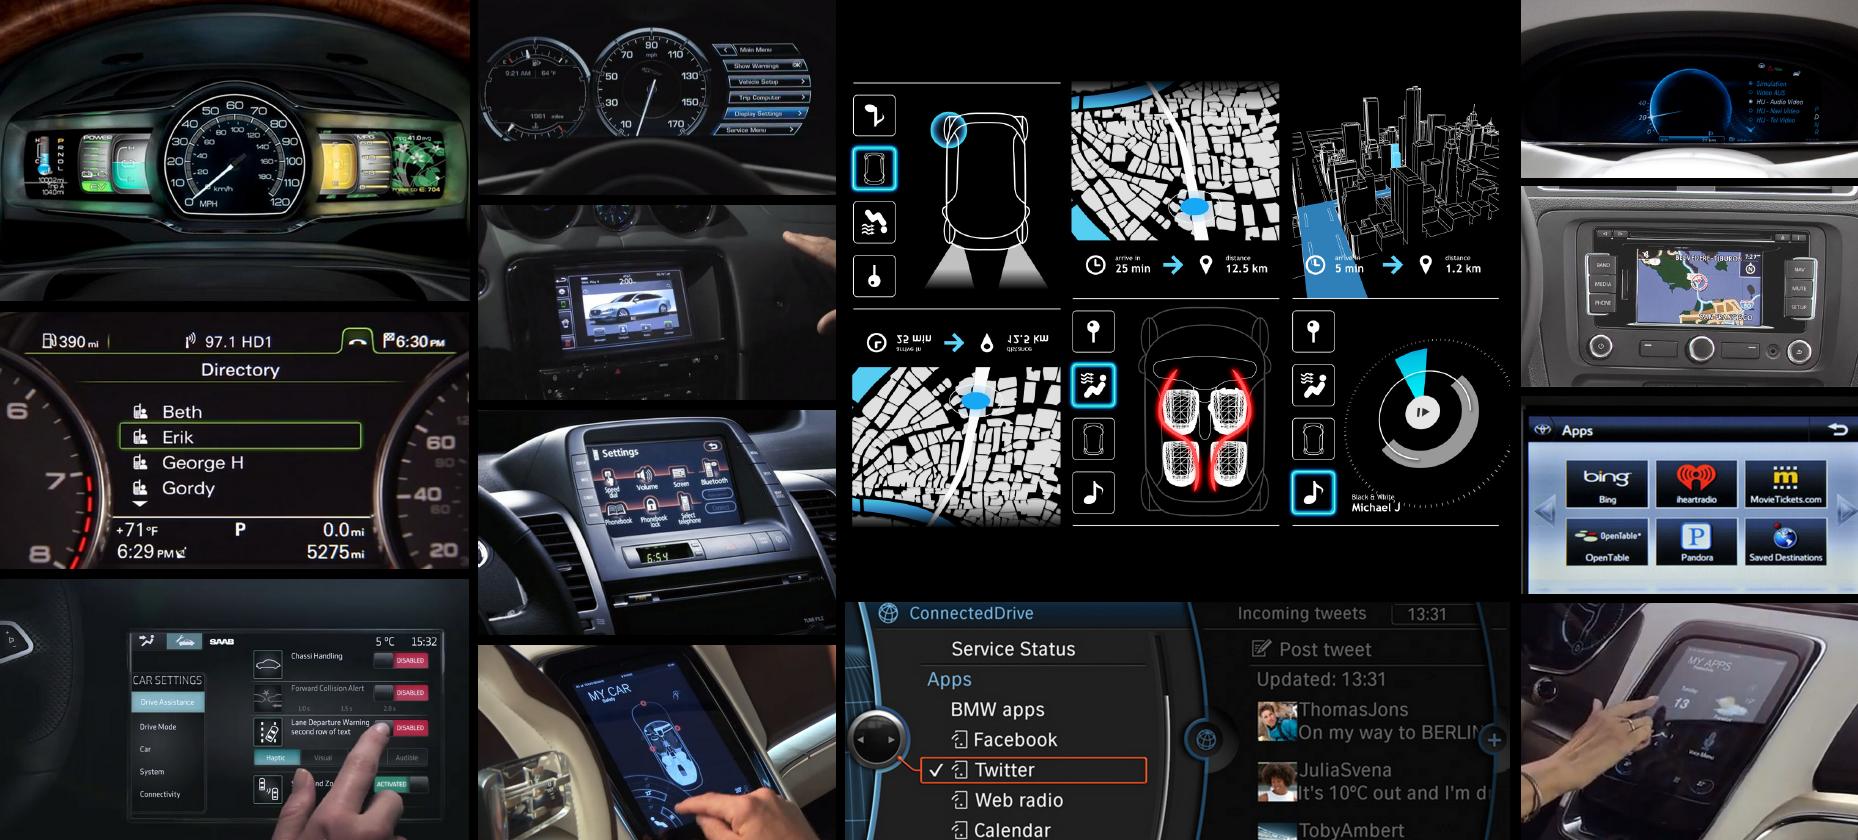 Auto Design Tech: The Near Future Of In-car HMI